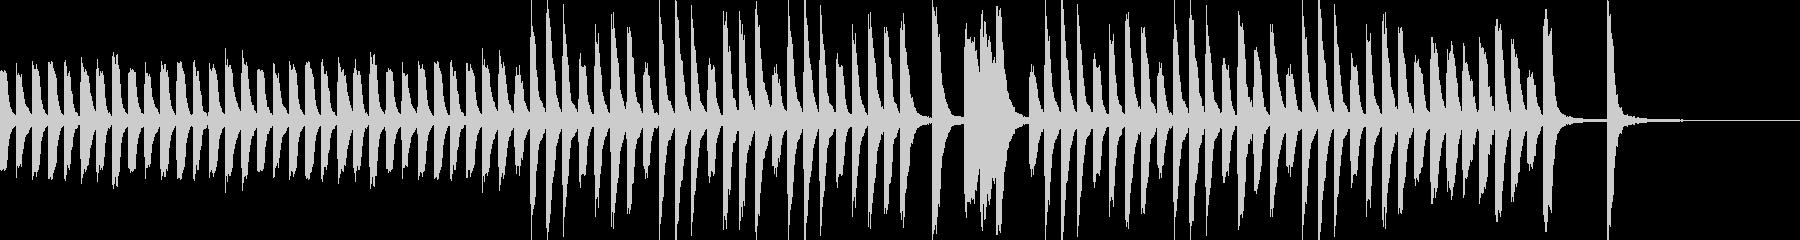 ほのぼのカワイイ教育子供シーンピアノソロの未再生の波形